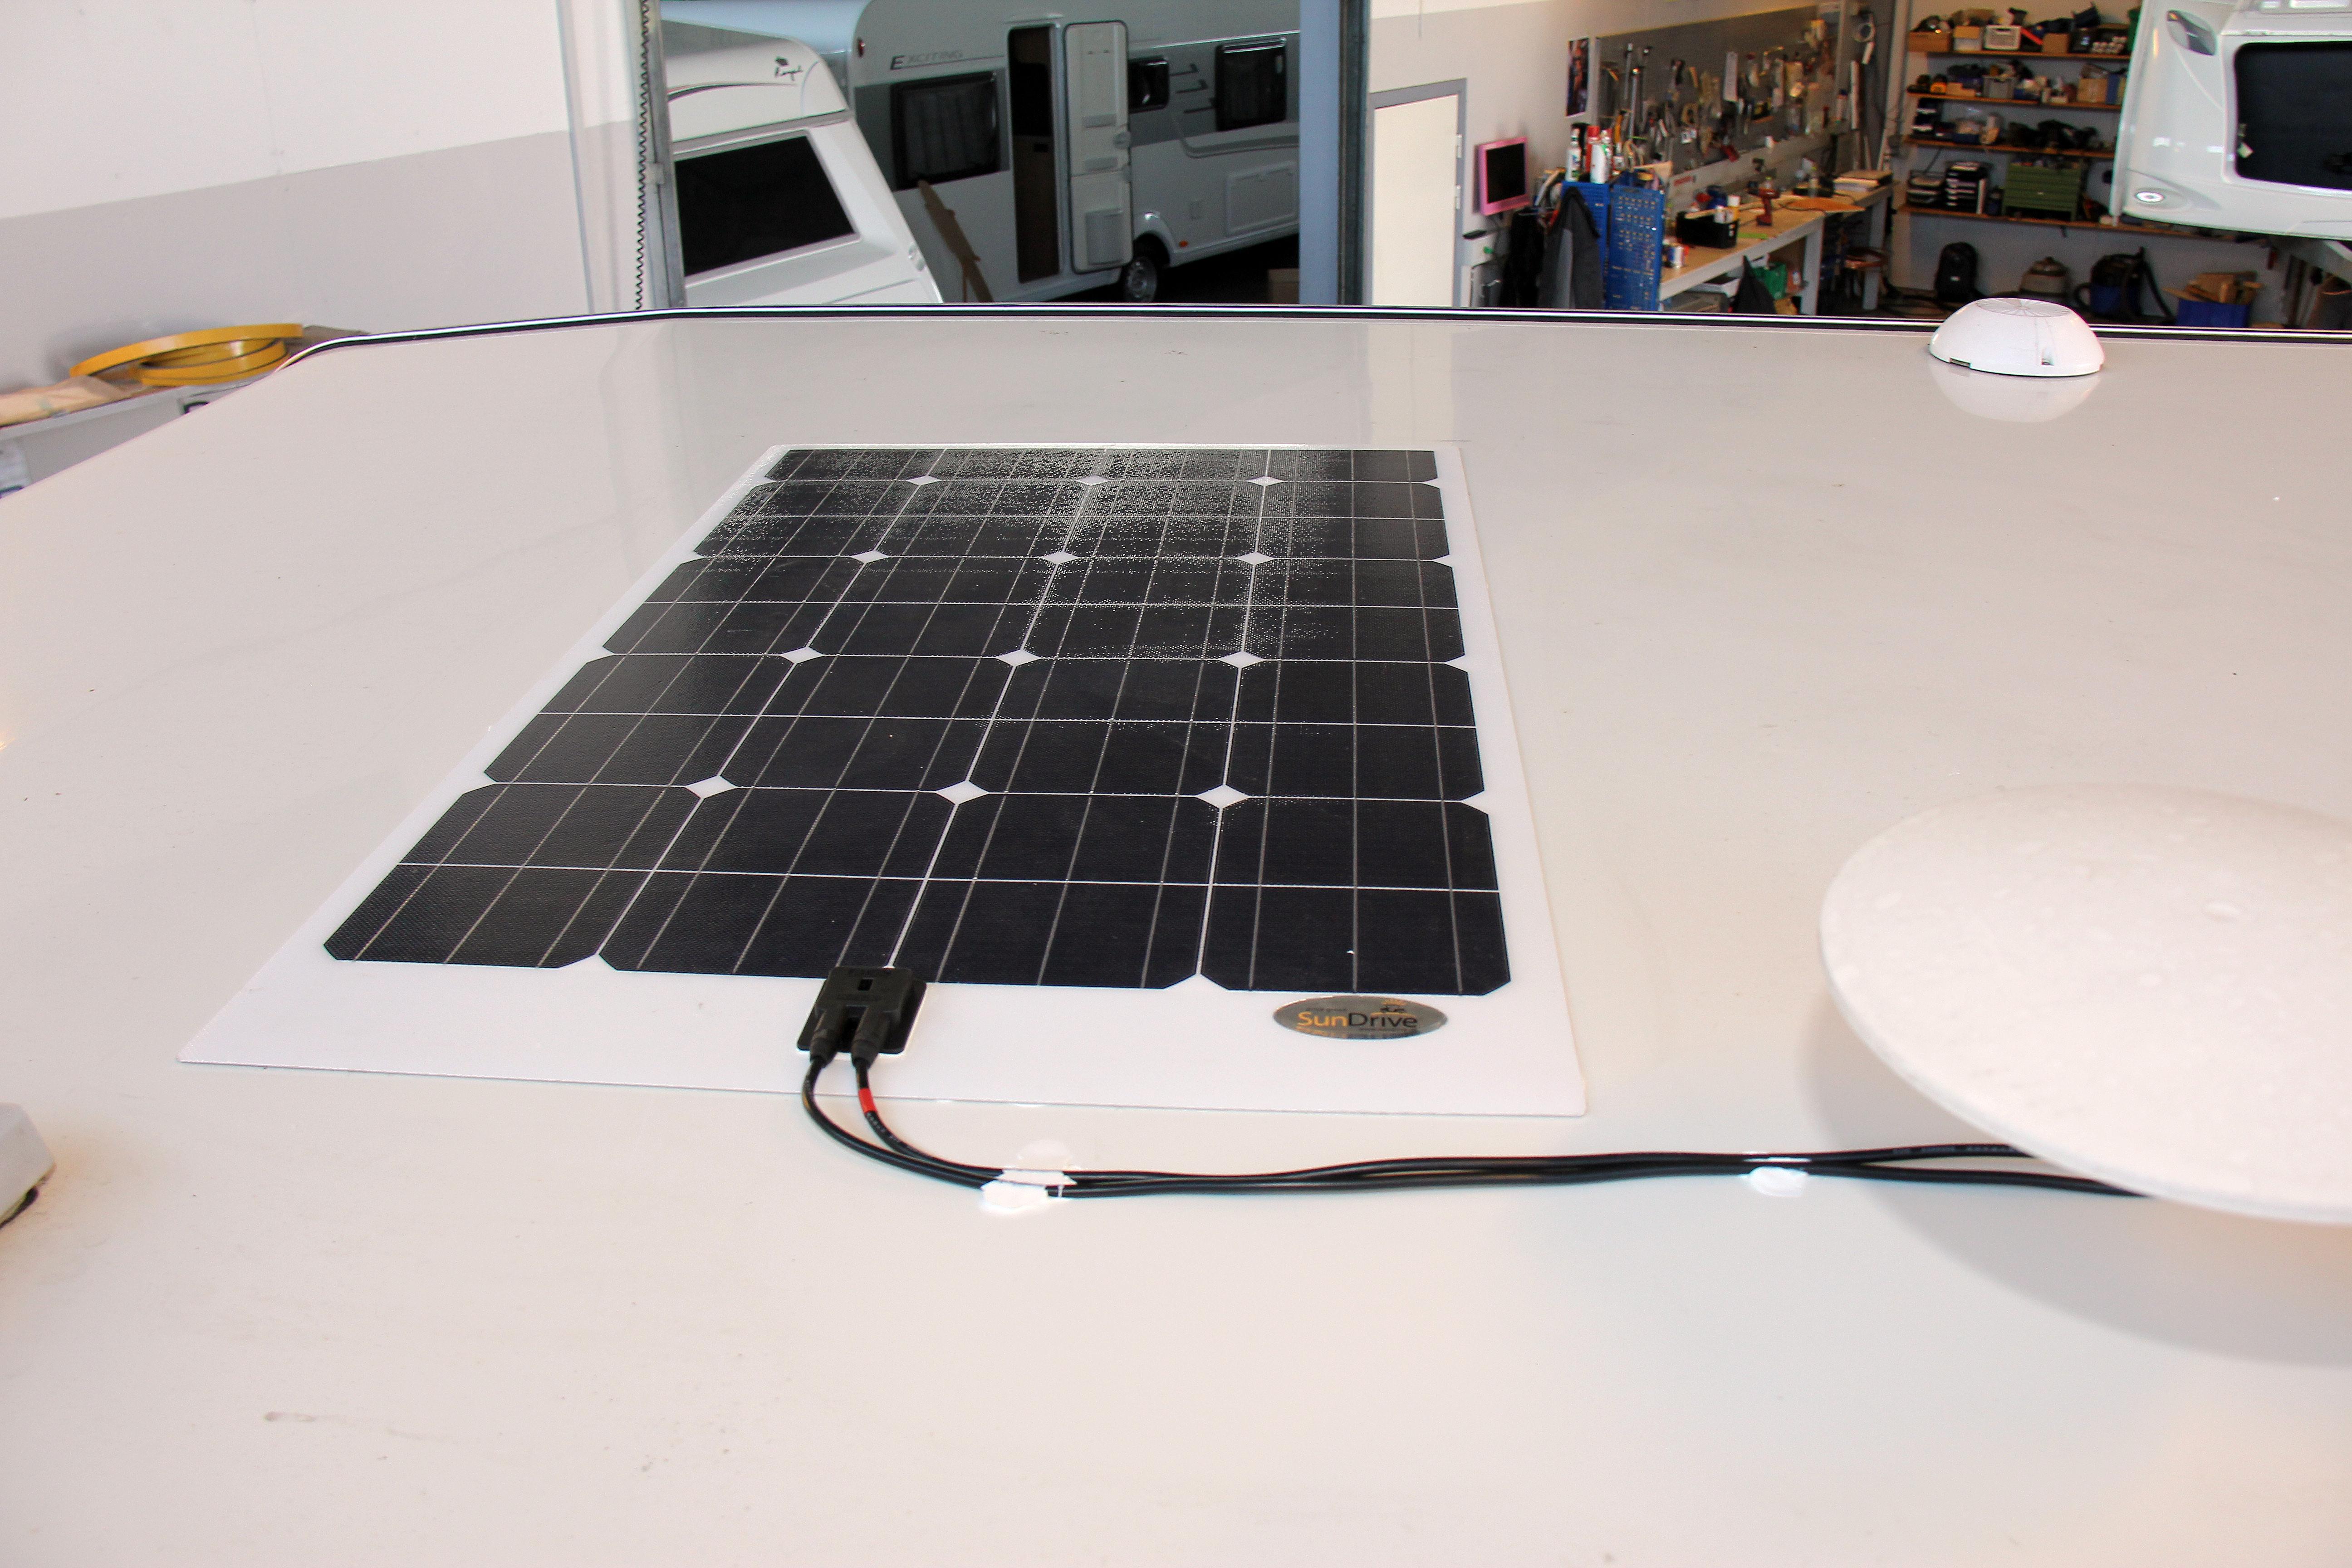 SUN 110tf fra Sundrive.dk har en effekt på 110 watt og en vægt på 4,5 kg. I pakken følger kontroller, taggennemføring, kabler, stik, monteringslim og vejledning med. Kan fås som kampagnepris til kr. 5.495.